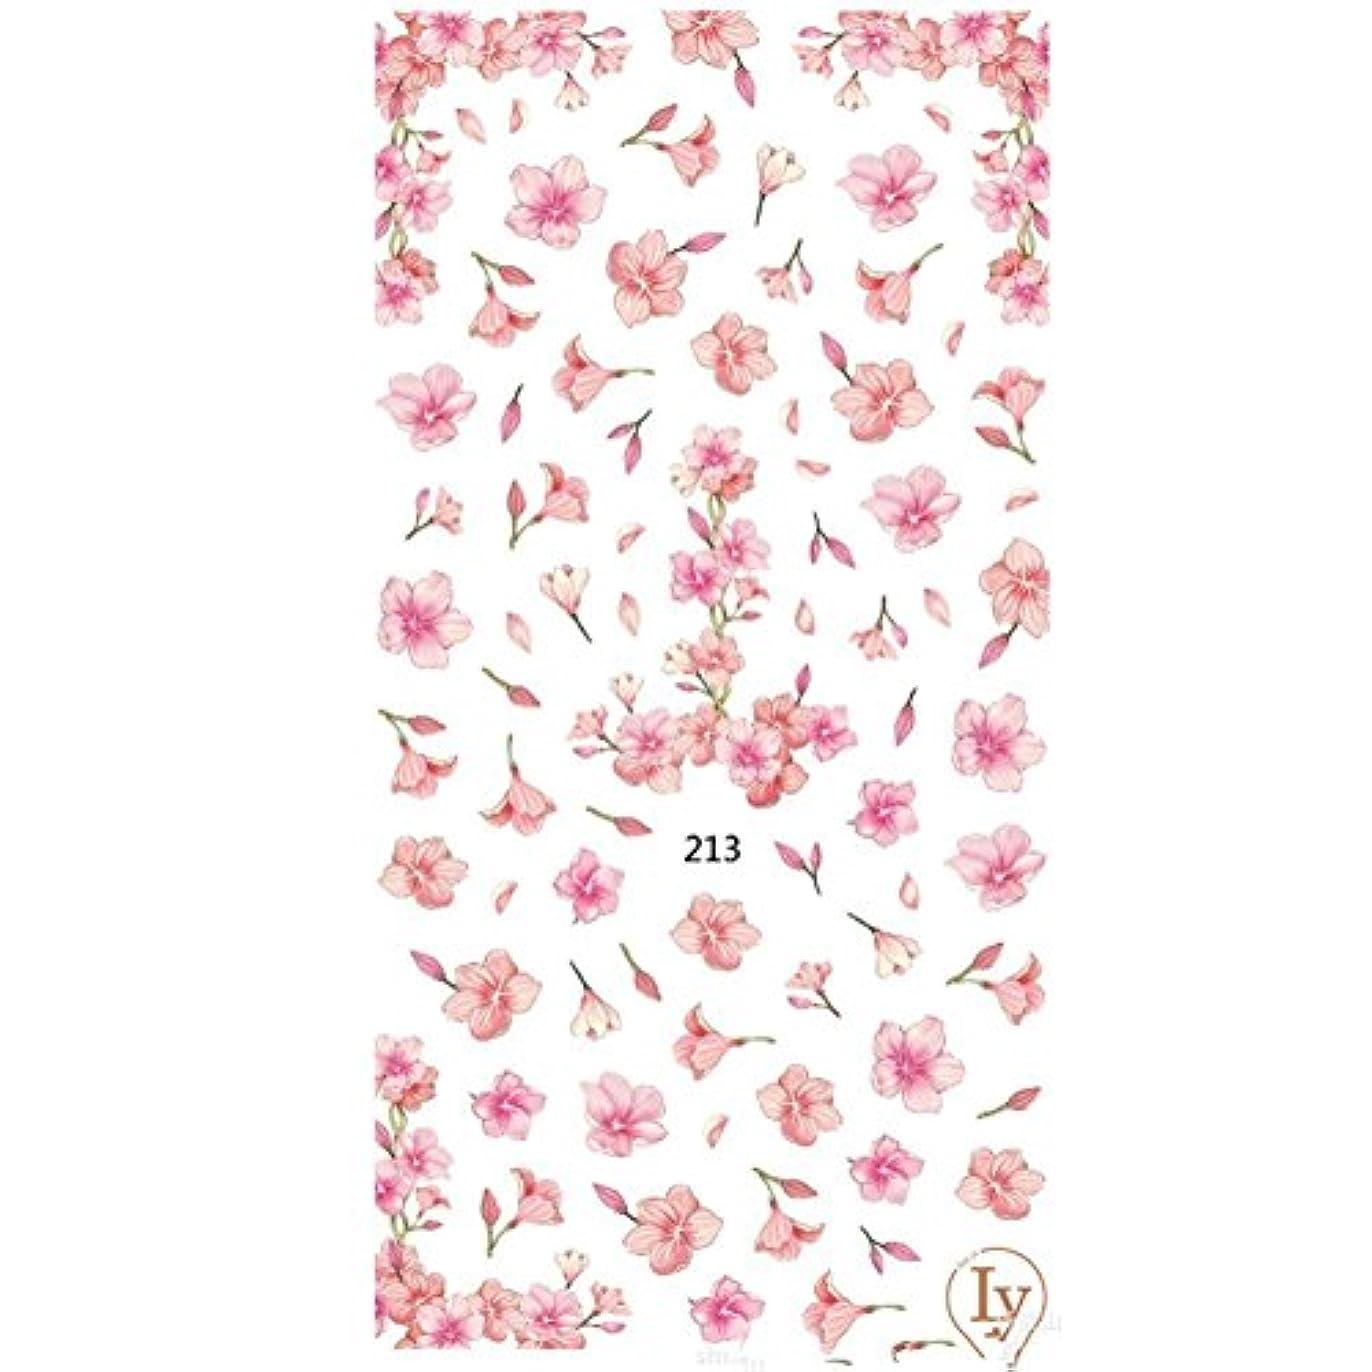 方程式狂う満員ネイルステッカー 1シート 桜 フラワー 花 パターン 3Dシール ネイルステッカー ネイルシール ネイルアート ネイルデコ